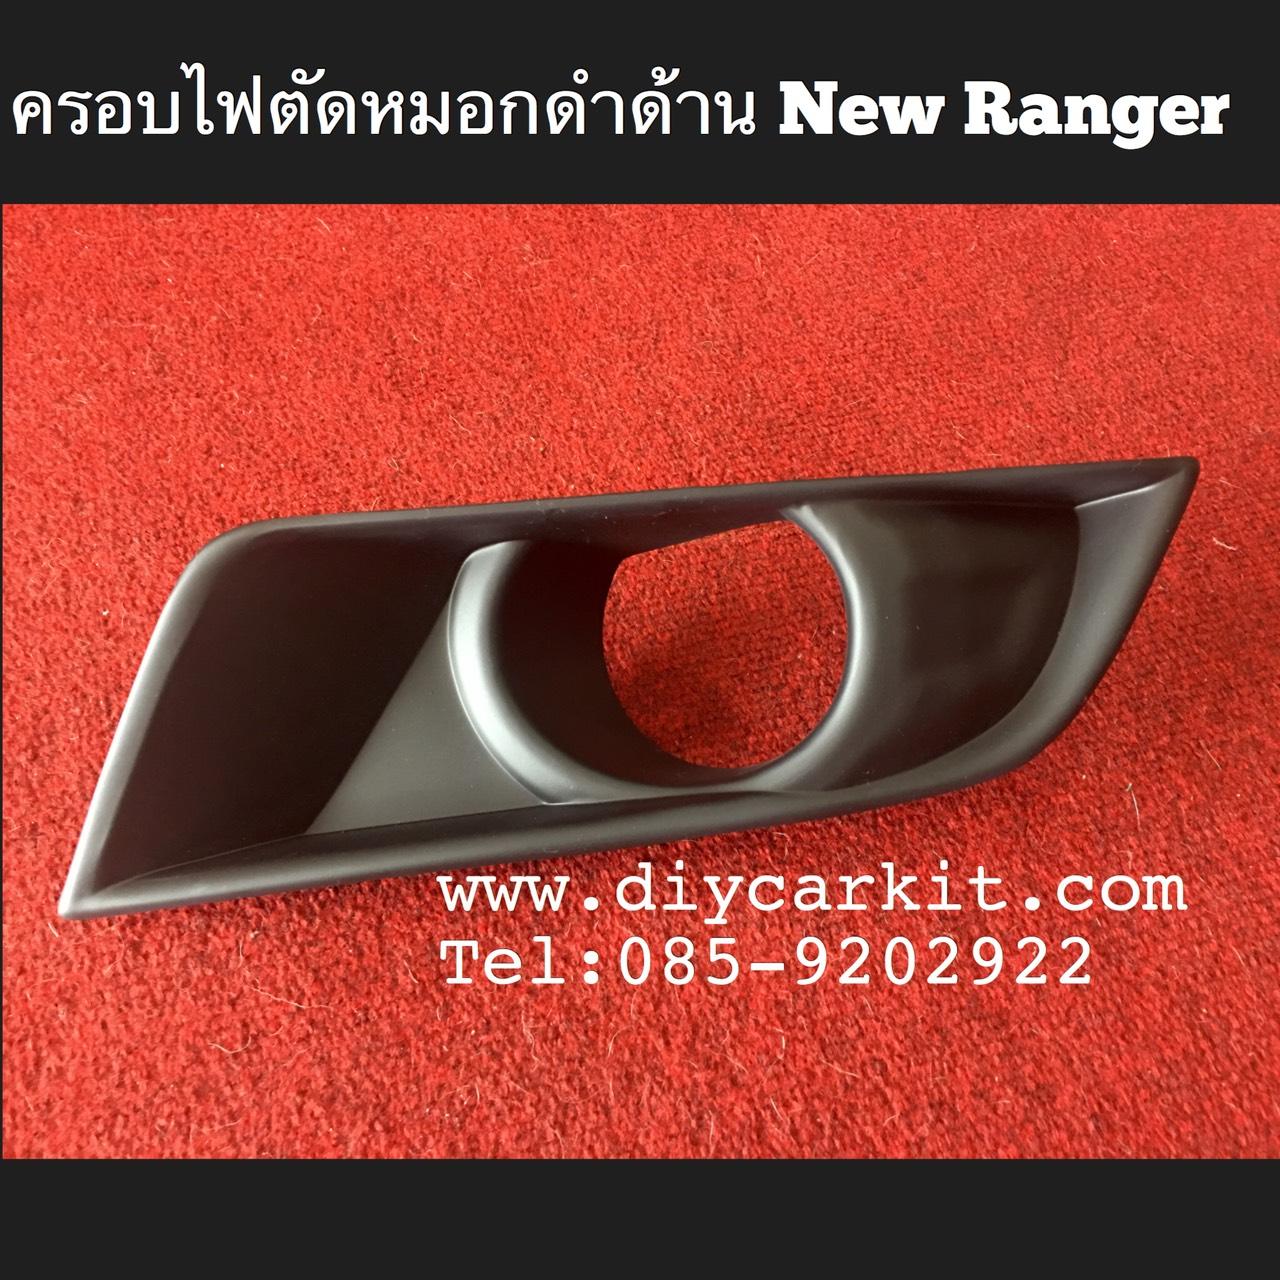 ครอบไฟตัดหมอกดำด้าน New Ranger 2016(MNC)